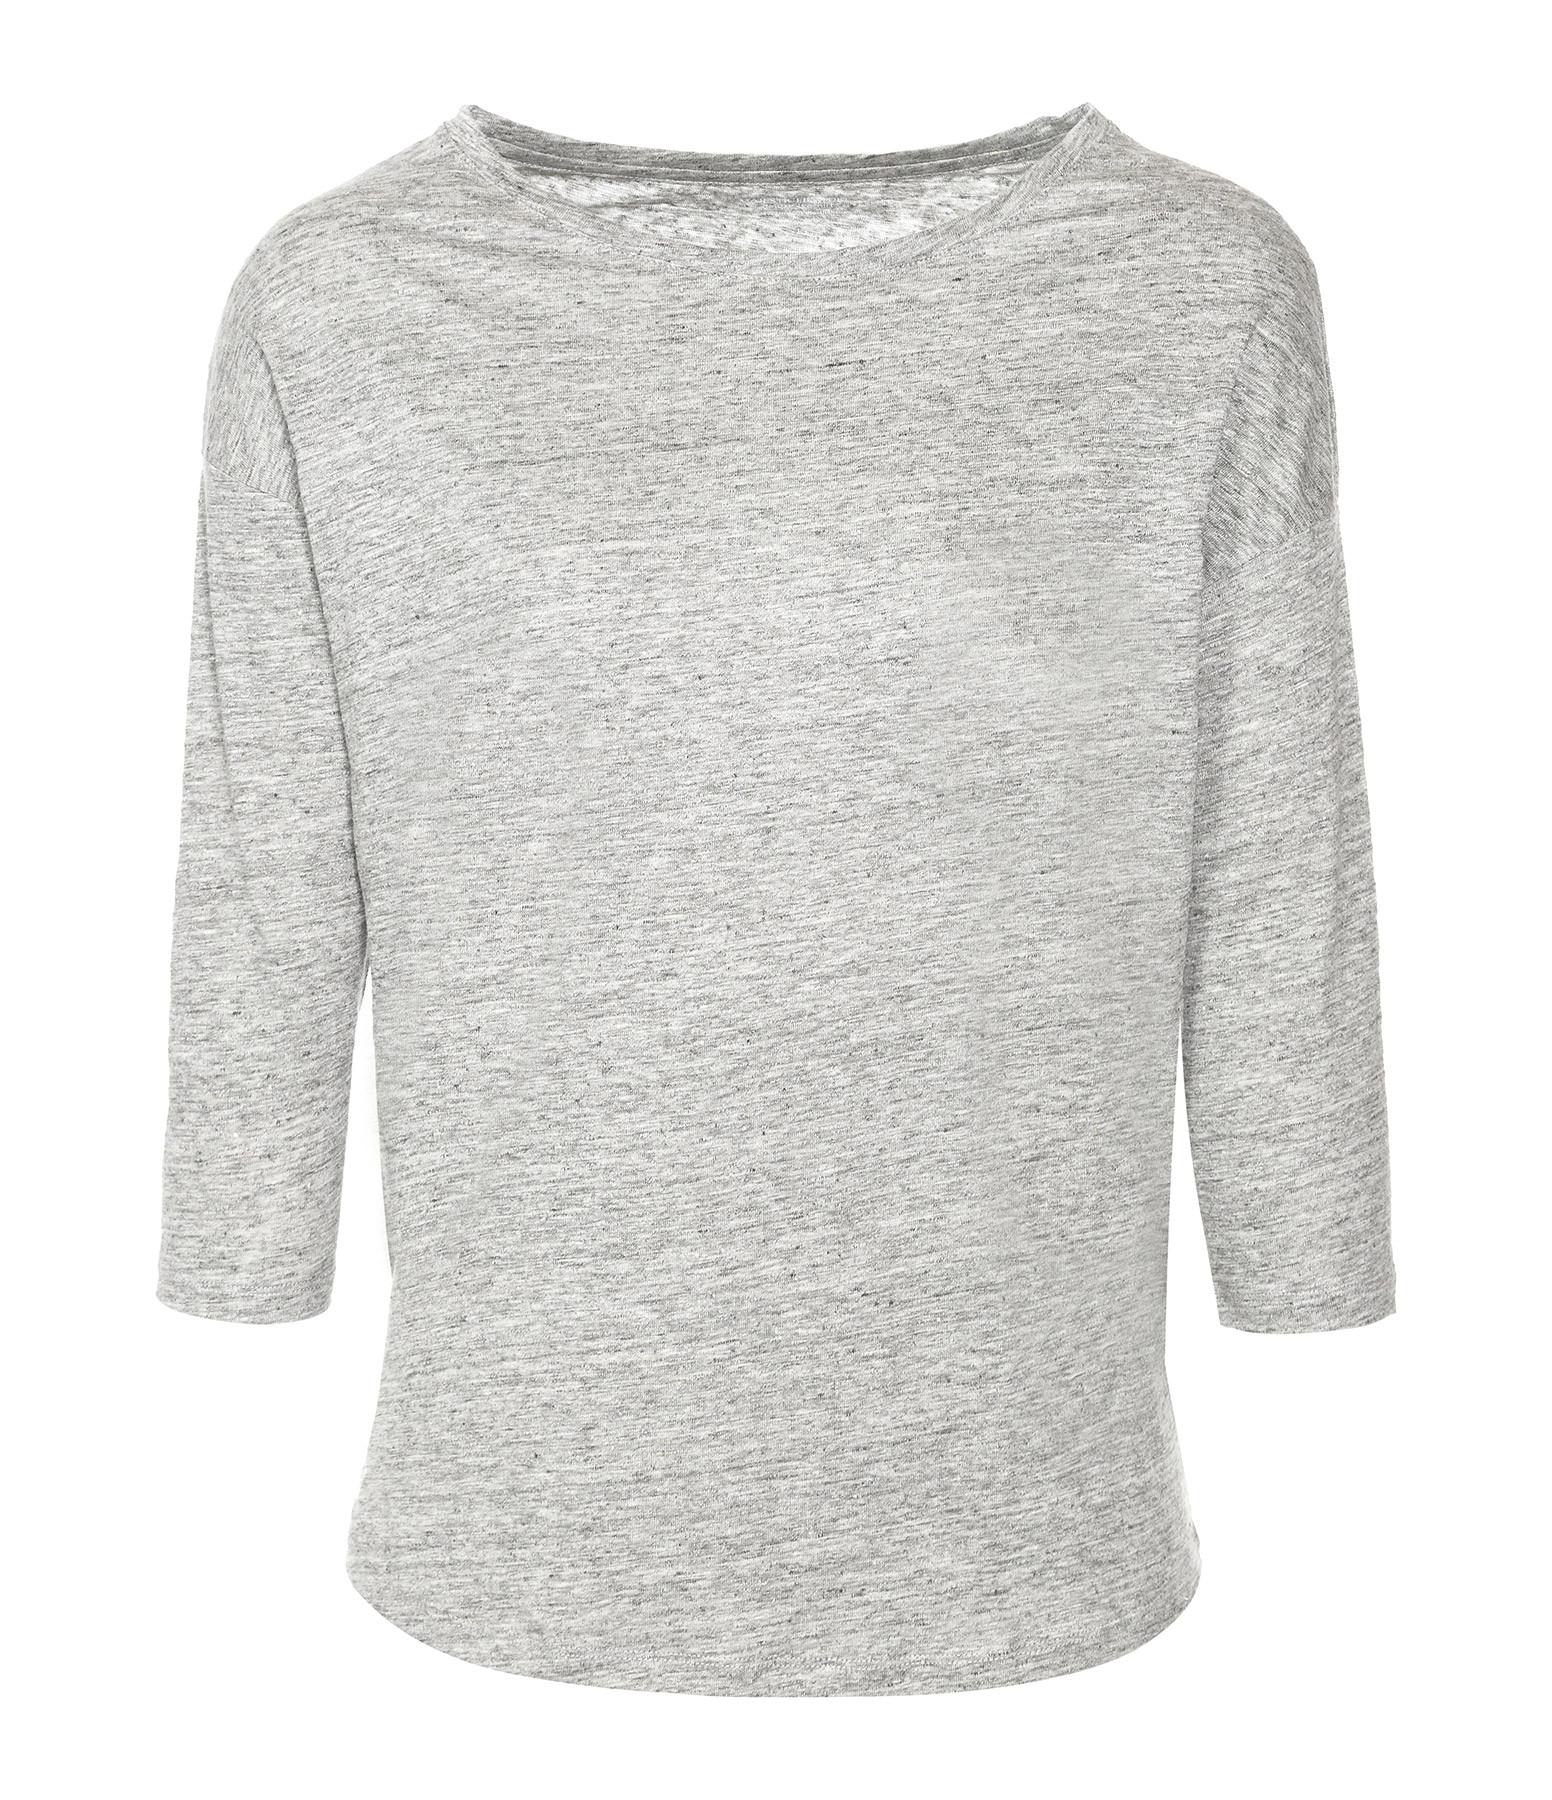 MAJESTIC FILATURES - Tee-shirt Col Bateau 3/4 Lin Granite